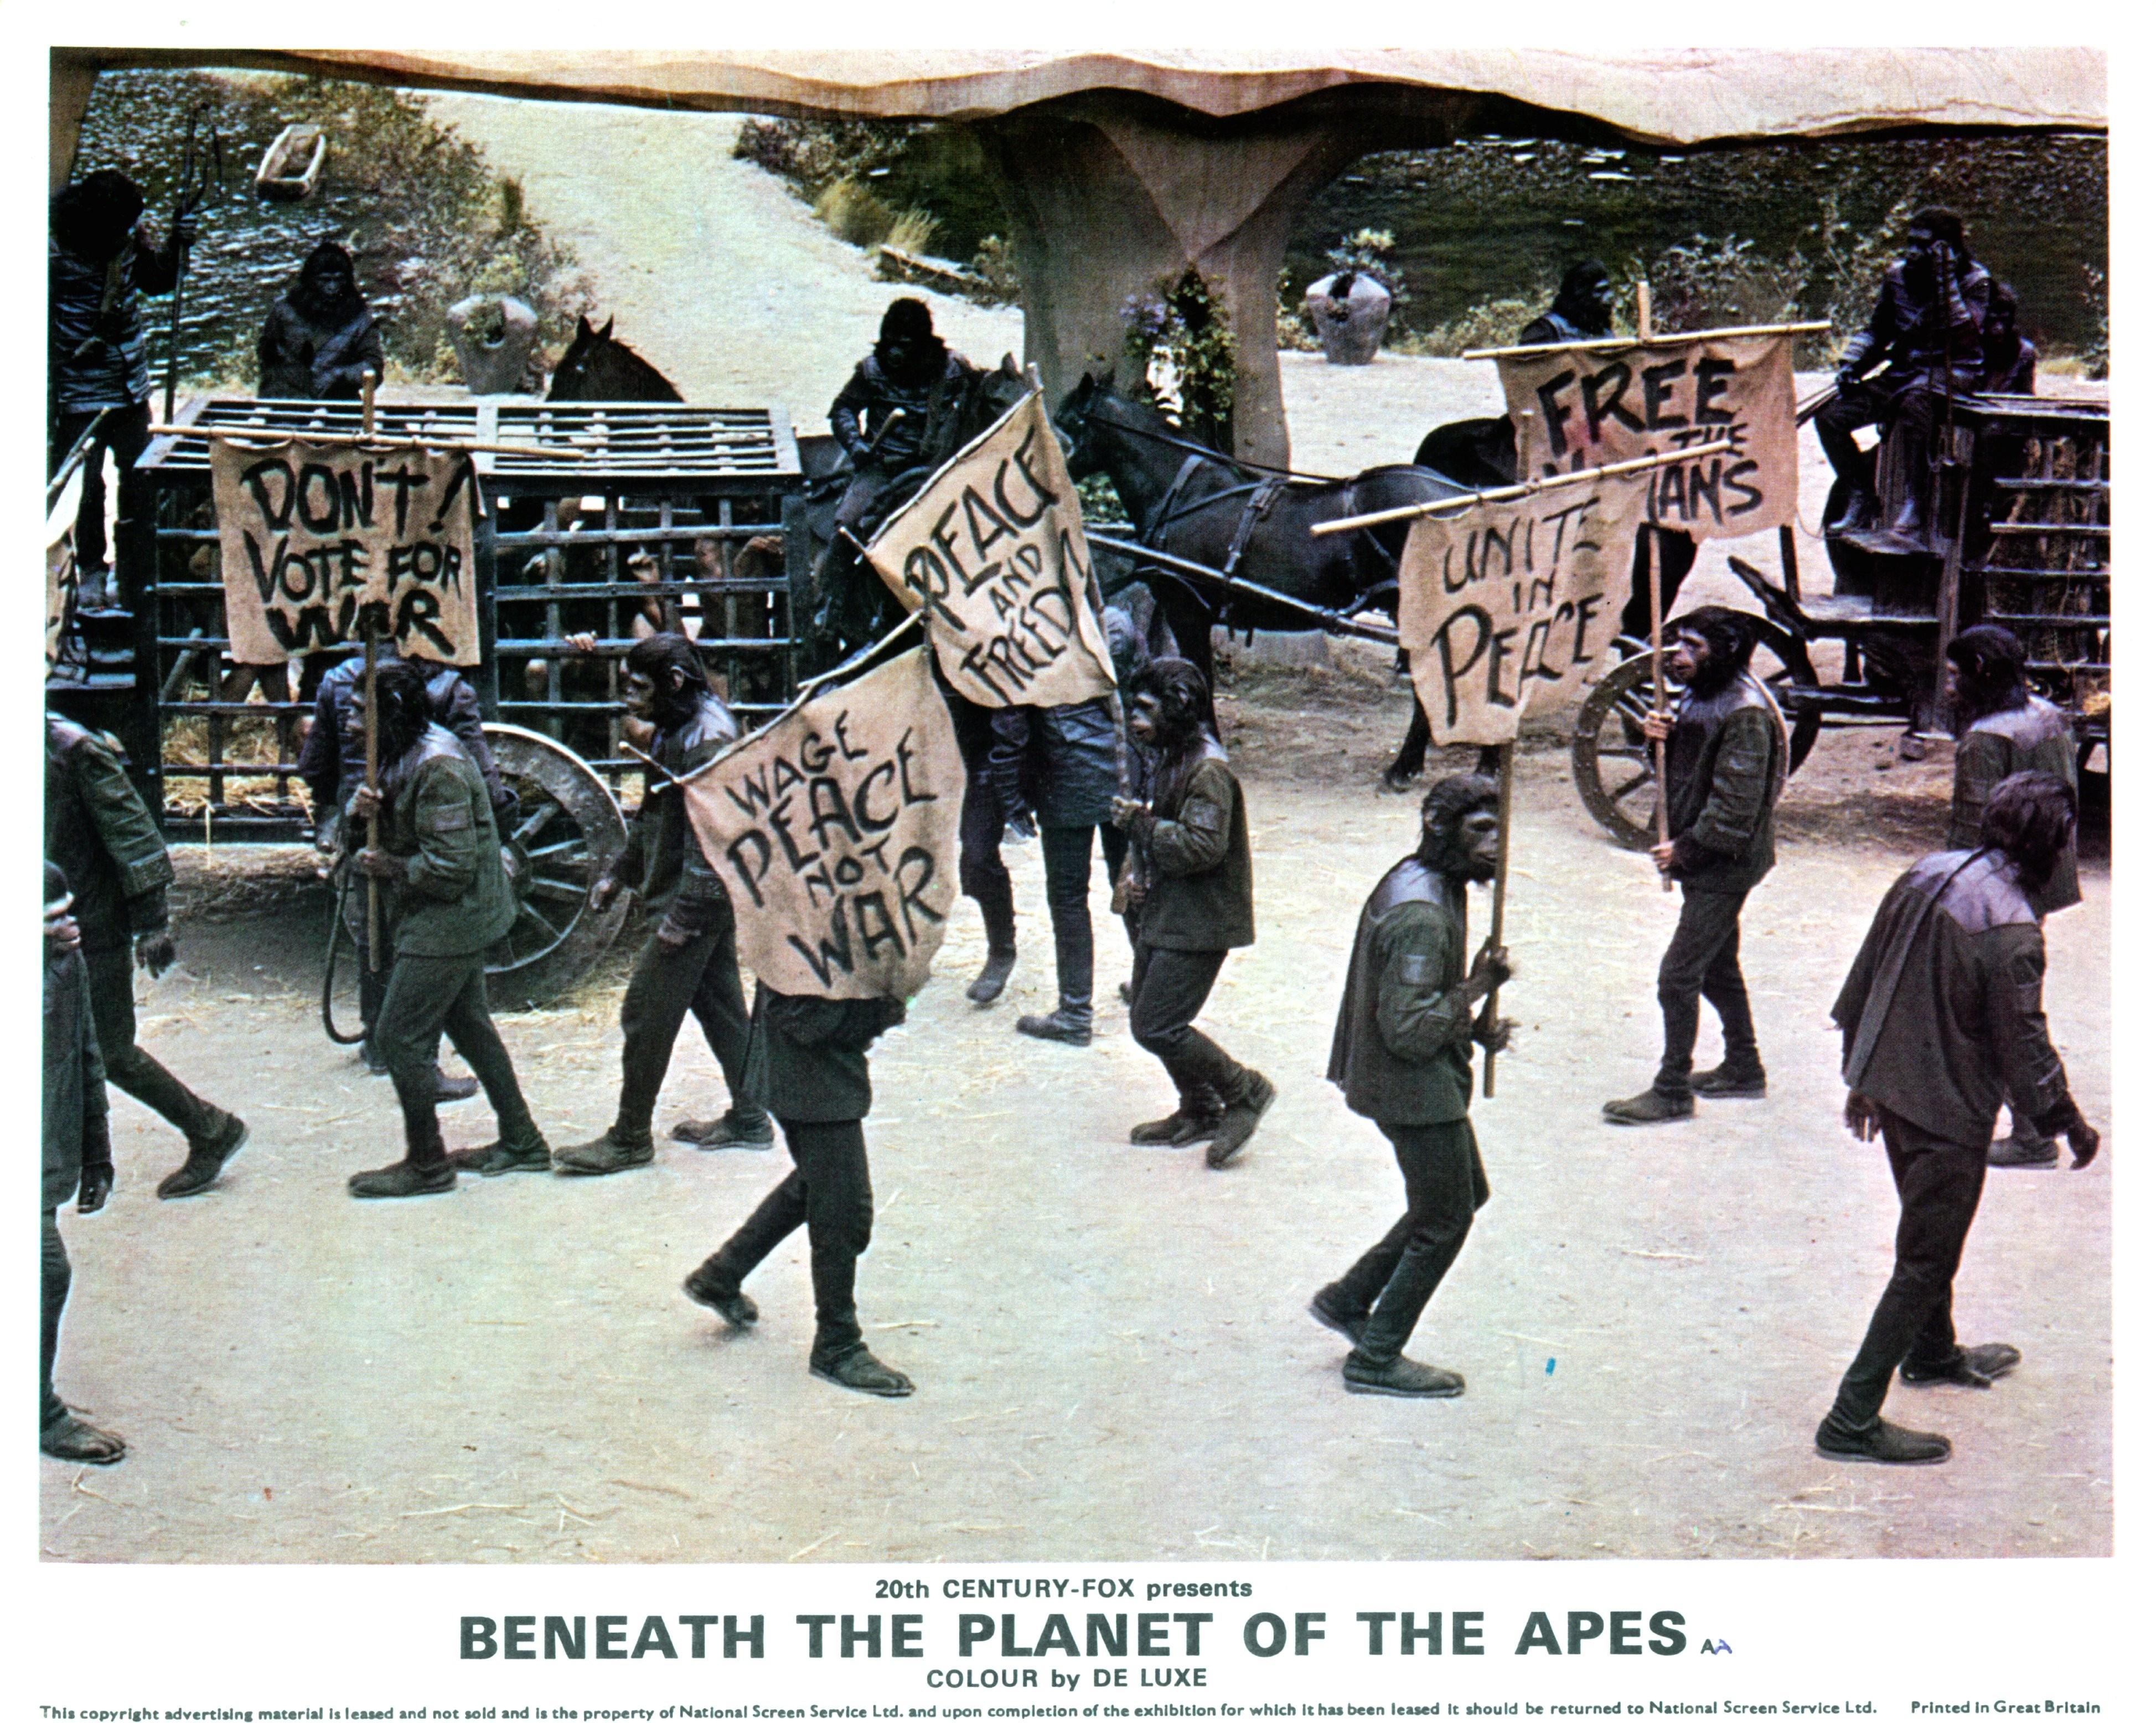 Восстание планеты обезьян 2011 смотреть онлайн бесплатно